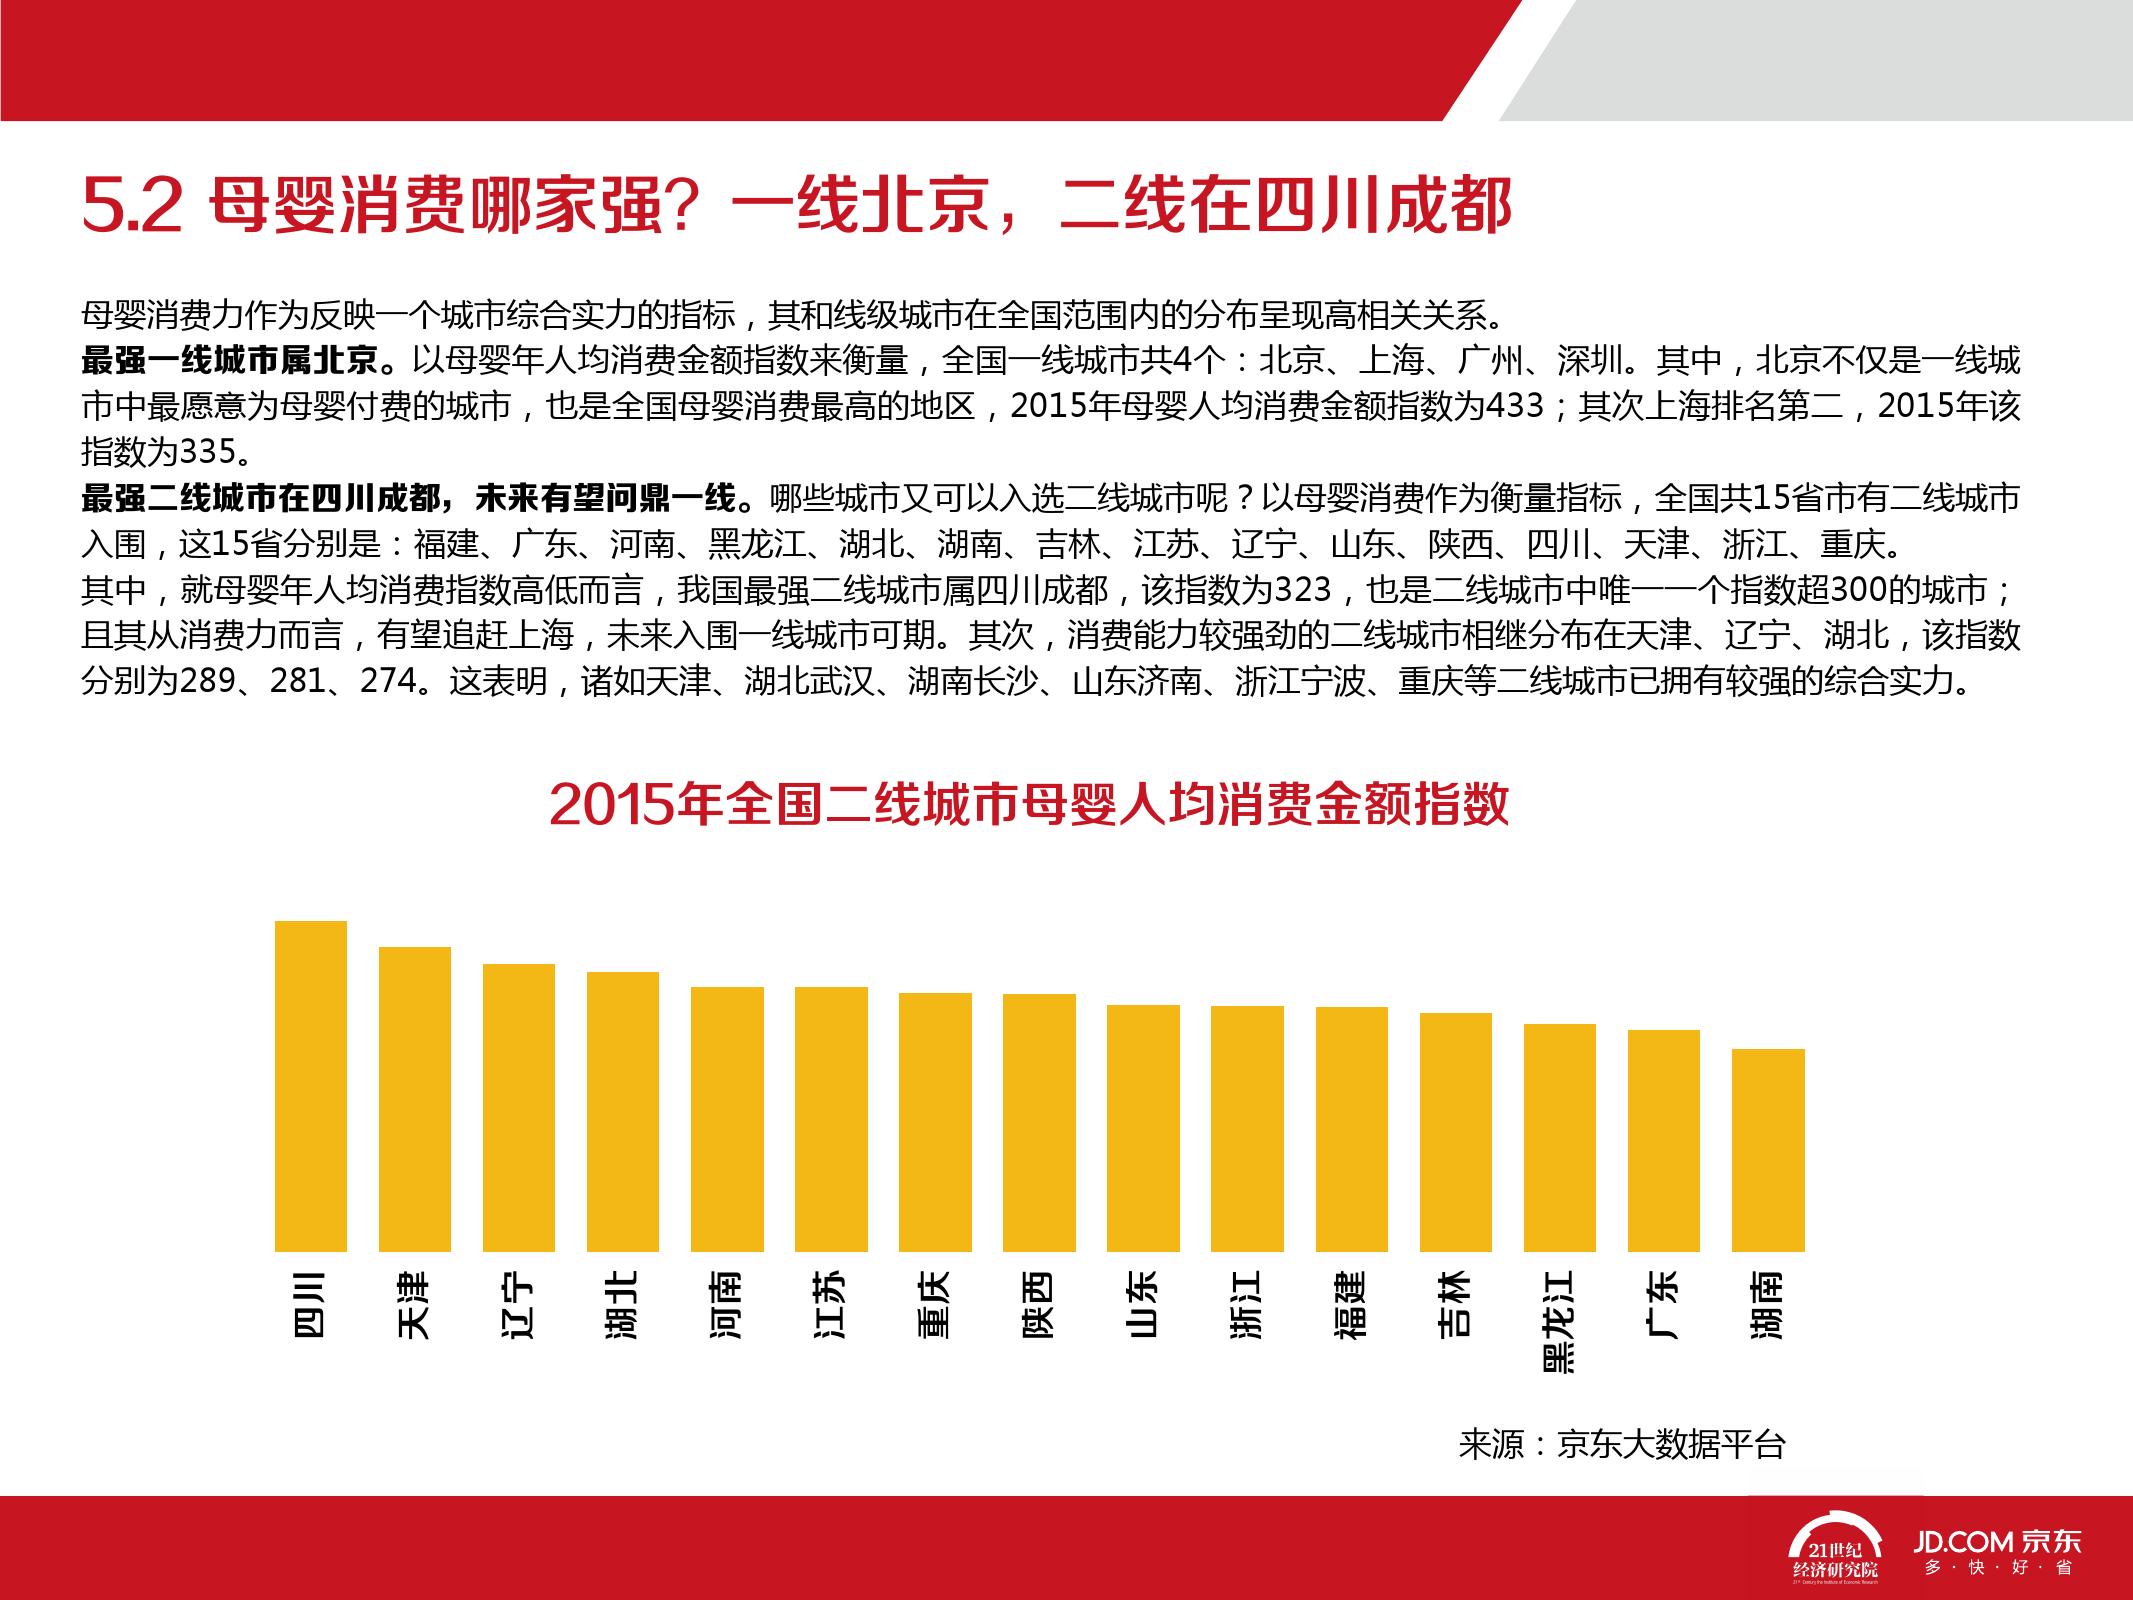 2016中国母婴产品消费趋势报告_000058